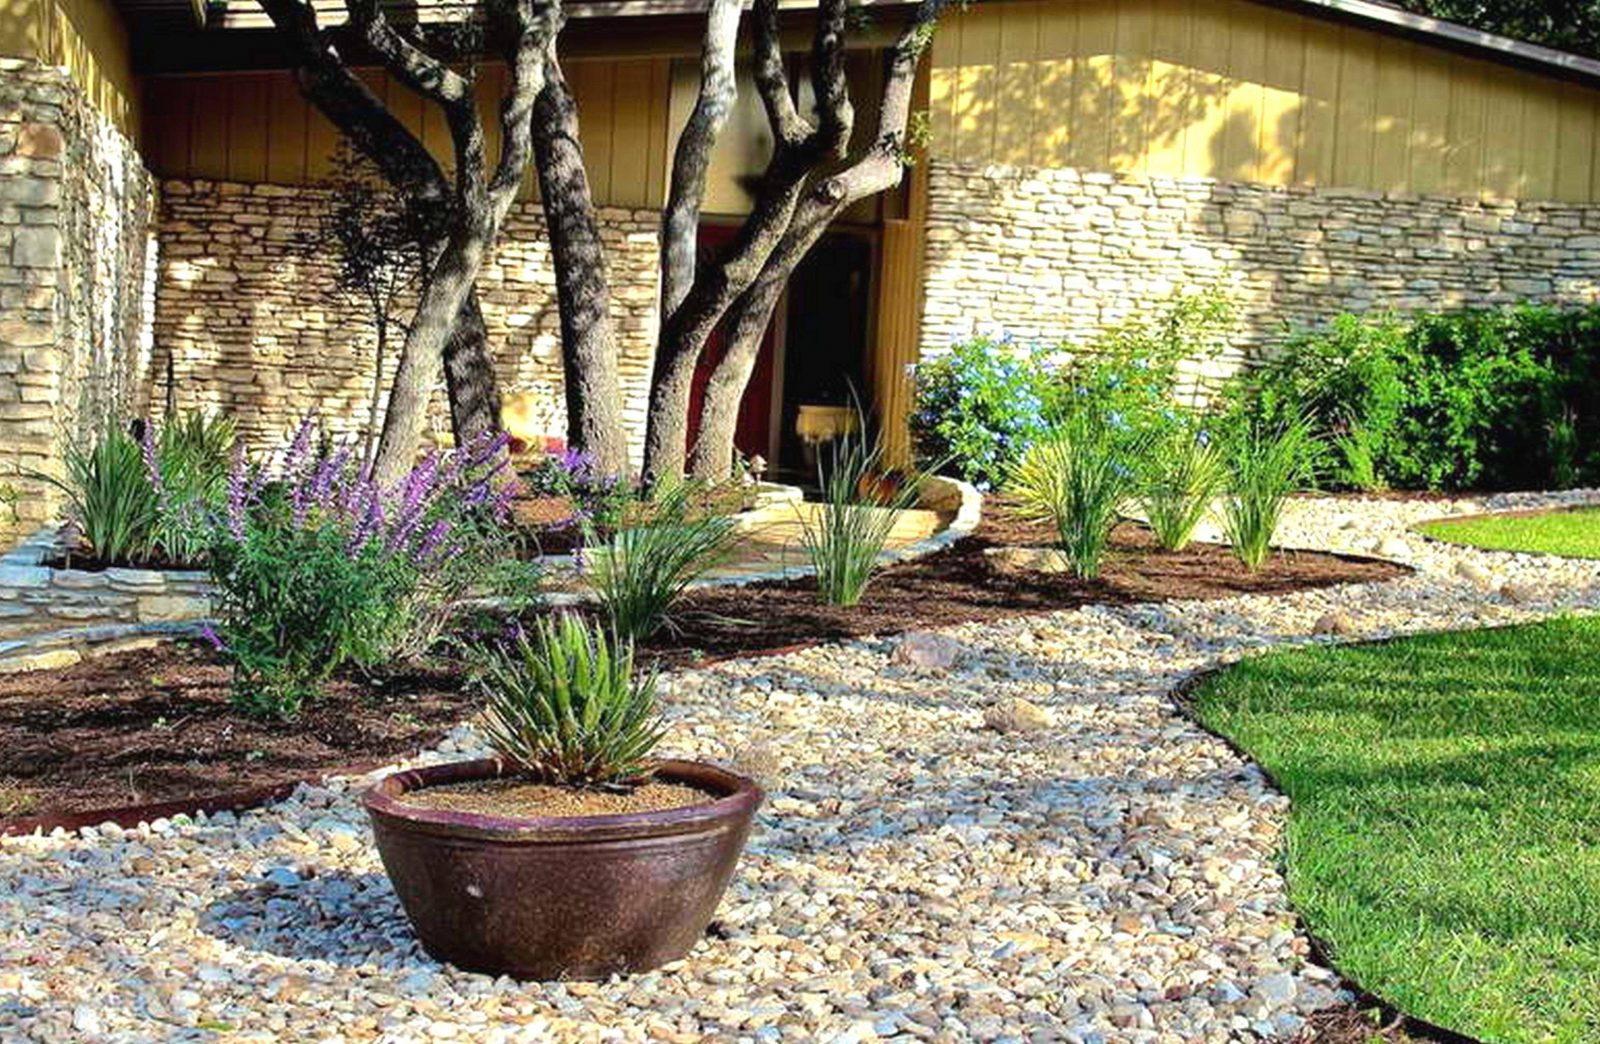 Gartengestaltung Mit Kies Einzigartig 28 Frisch Garten Gestalten Mit von Gartengestaltung Mit Kies Bilder Bild